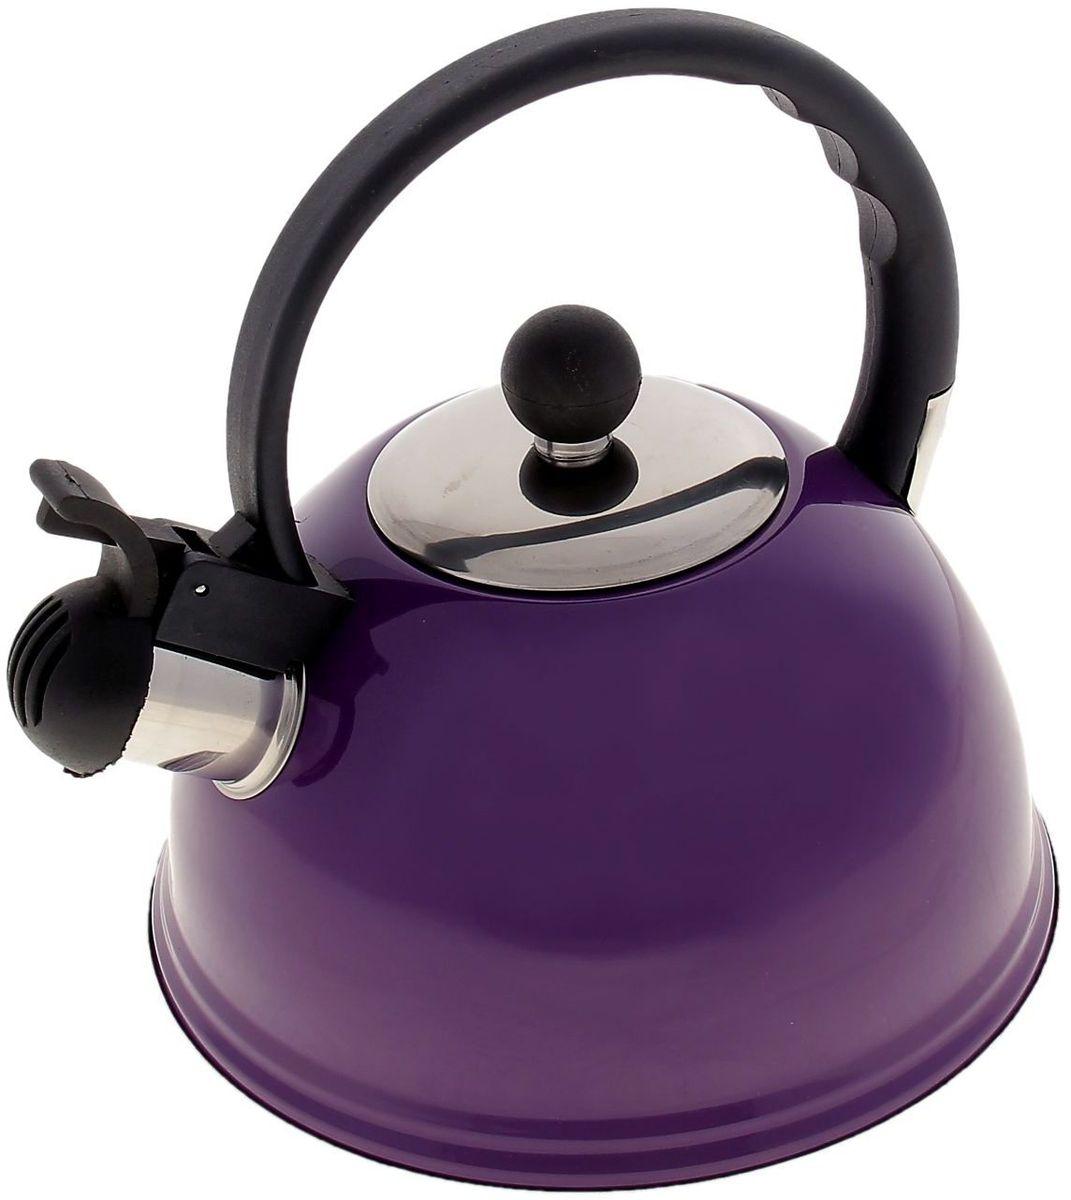 Чайник Доляна Элит, со свистком, цвет: фиолетовый, черный, 2 лVT-1520(SR)Чайник Доляна Элит выполнен из высококачественной нержавеющей стали. Материал изделия отличается неприхотливостью в уходе, безукоризненной функциональностью, гигиеничностью и стойкостью к коррозии. Чайники из нержавеющей стали абсолютно безопасны для здоровья человека. Благодаря низкой теплопроводности и оптимальному соотношению дна и стенок вода дольше остается горячей, а качественное дно гарантирует быстрый нагрев. Чайник при кипячении сохраняет все полезные свойства воды. Чайник снабжен фиксированной пластиковой ручкой. Удобная ручка не нагревается, и поэтому вероятность ожогов сводится к минимуму. Свисток на носике чайника громко оповестит, когда закипела вода. Свисток открывается нажатием кнопки на рукоятке. Подходит для газовых, электрических, стеклокерамических, галогеновых, индукционных плит. Рекомендуется ручная мойка.